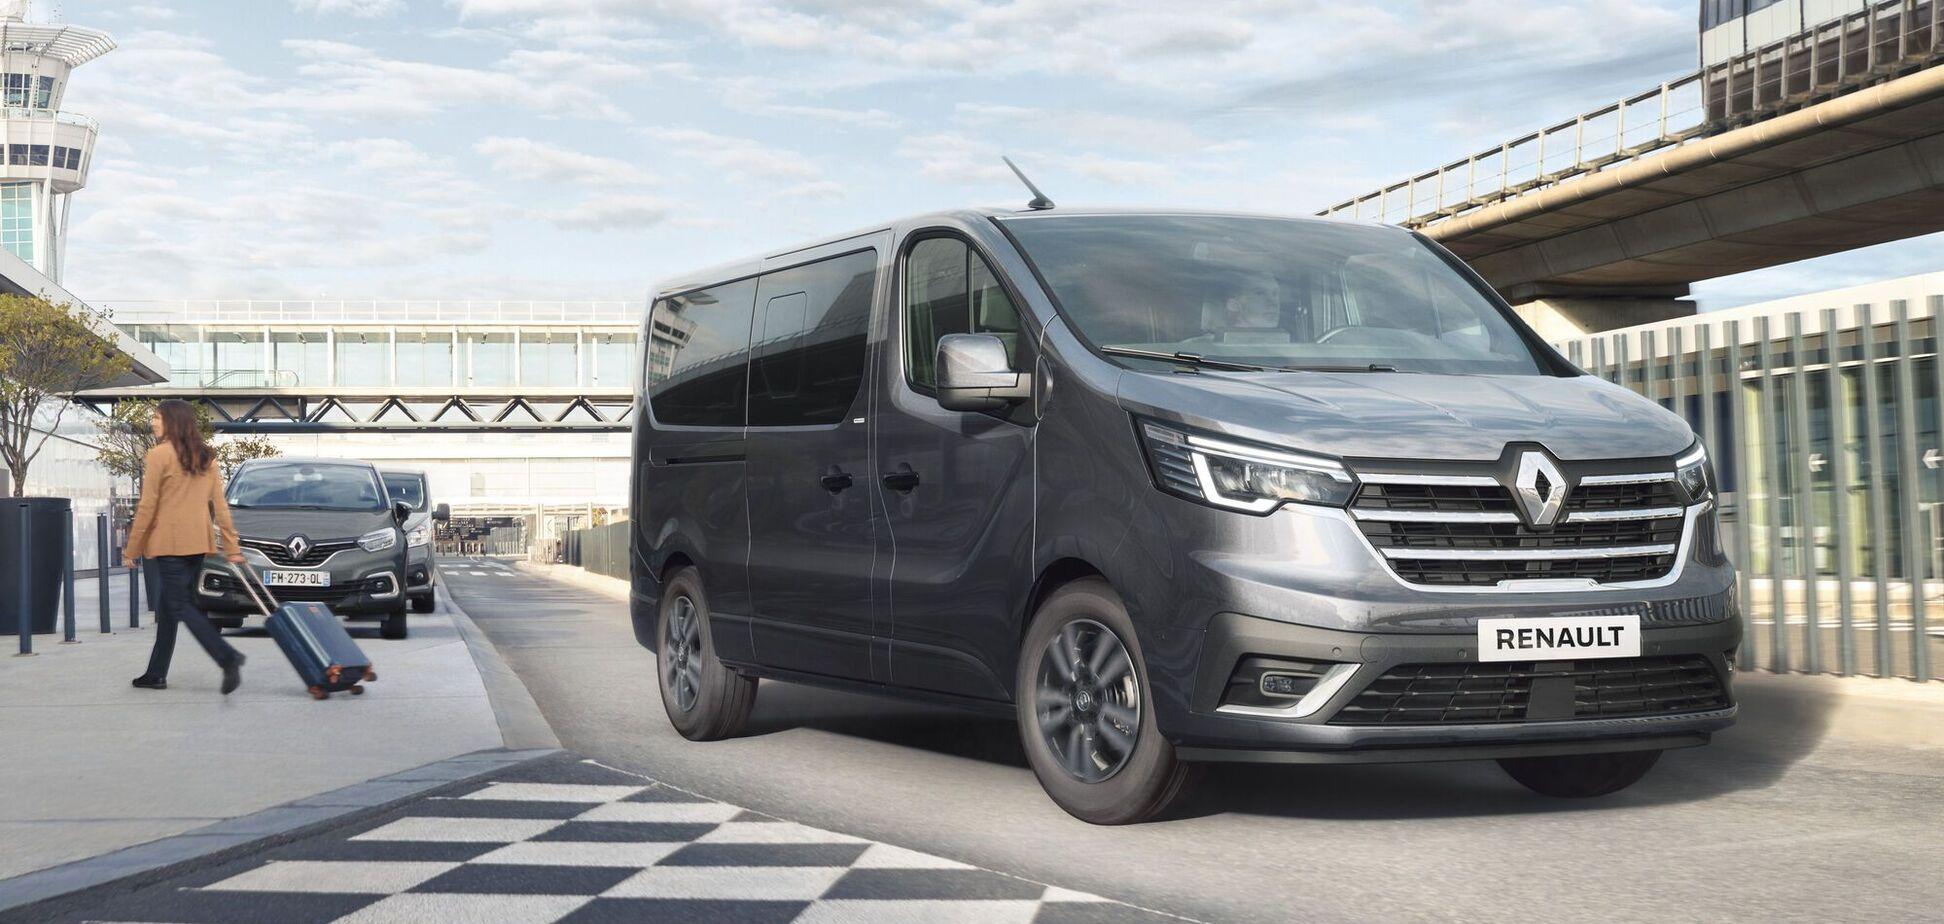 Renault відзначила 40-річчя Trafic оновленою моделлю